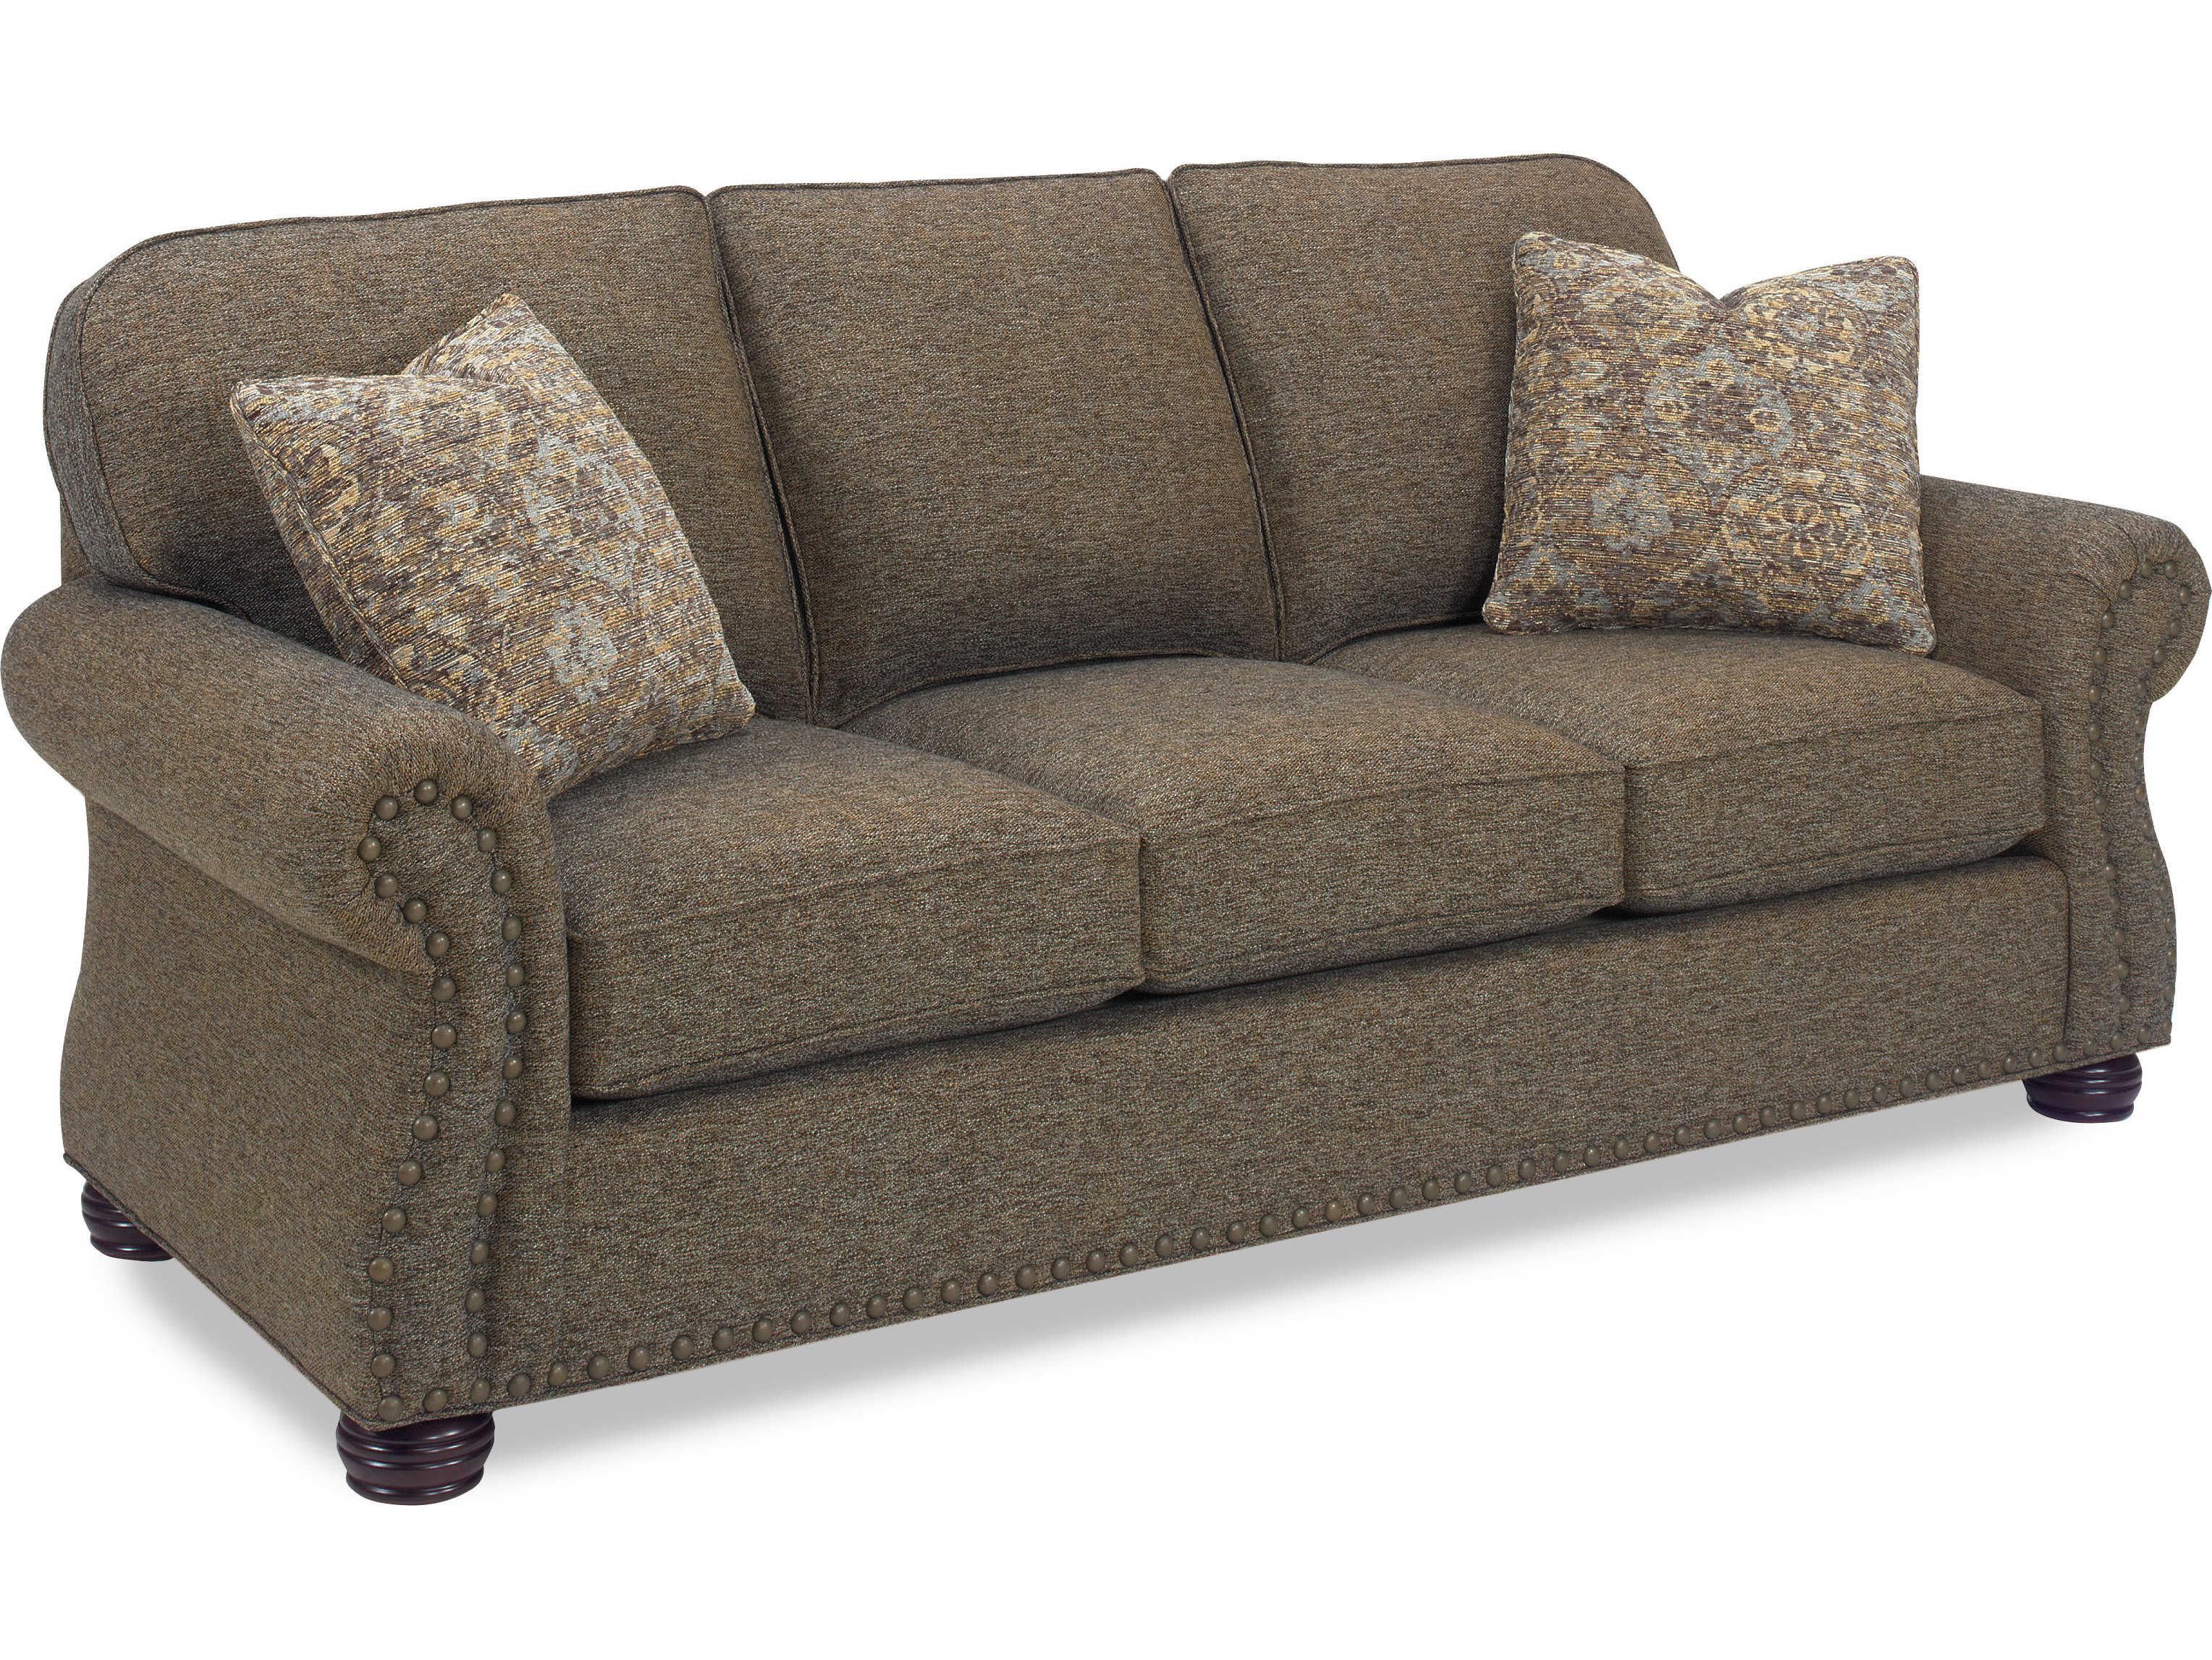 Temple Furniture Dallas Sofa Couch